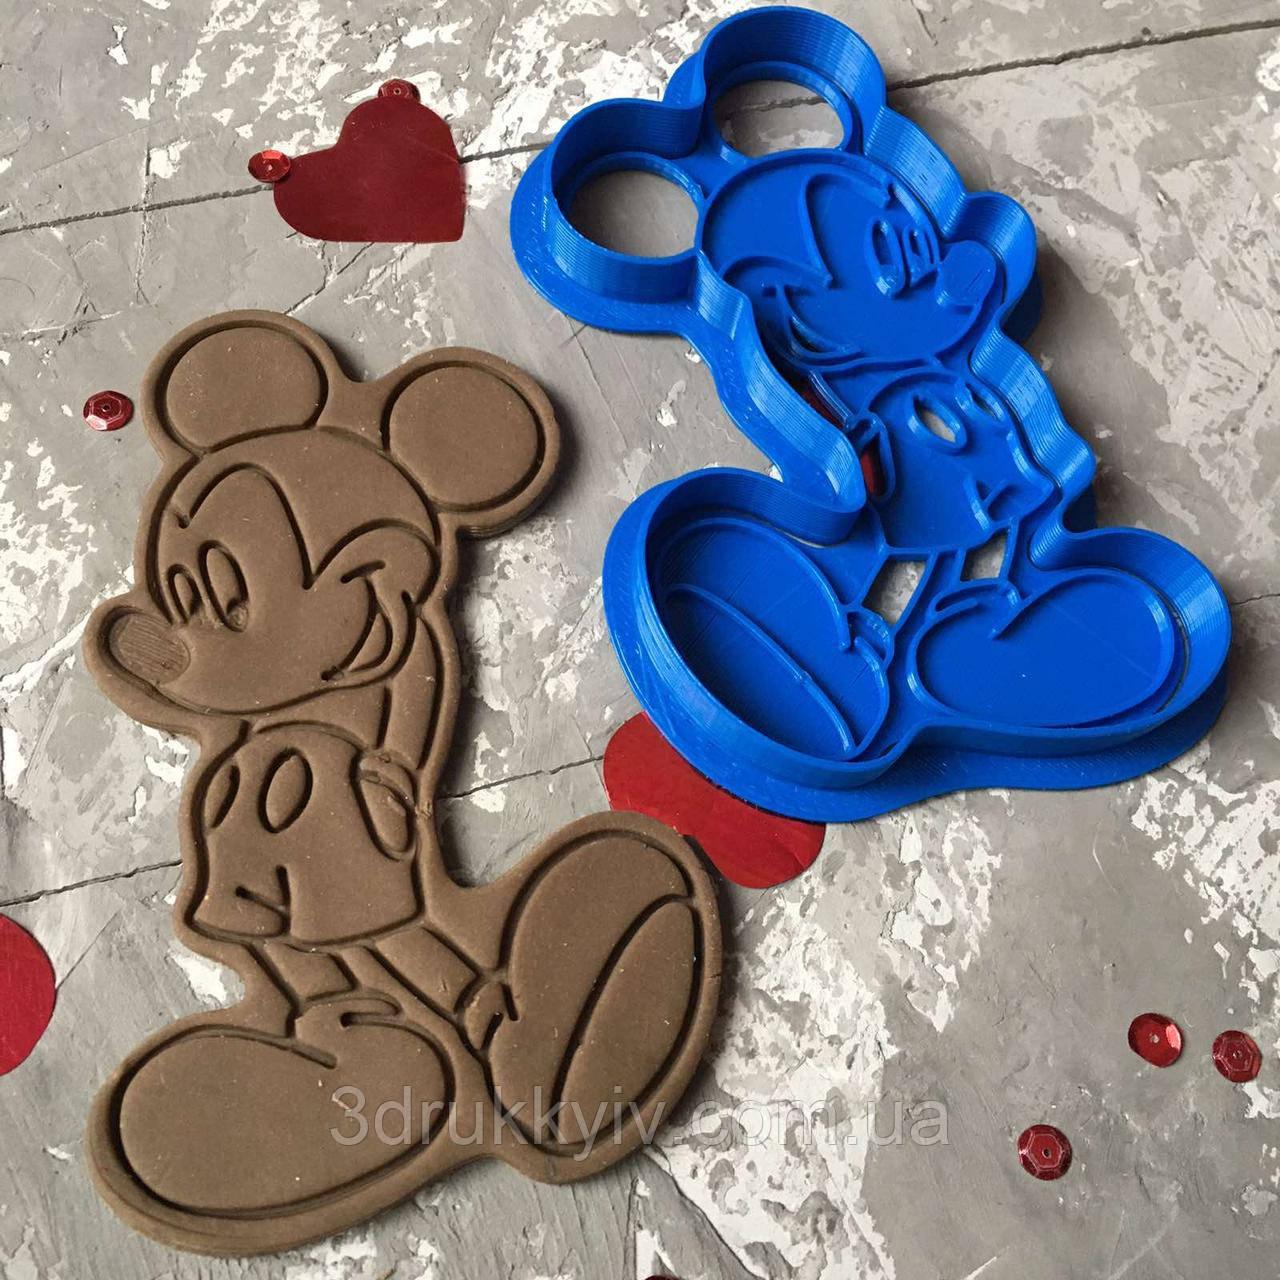 Вирубка зі штампом Міккі Маус / Вирубка - формочка зі штампом Міккі Маус